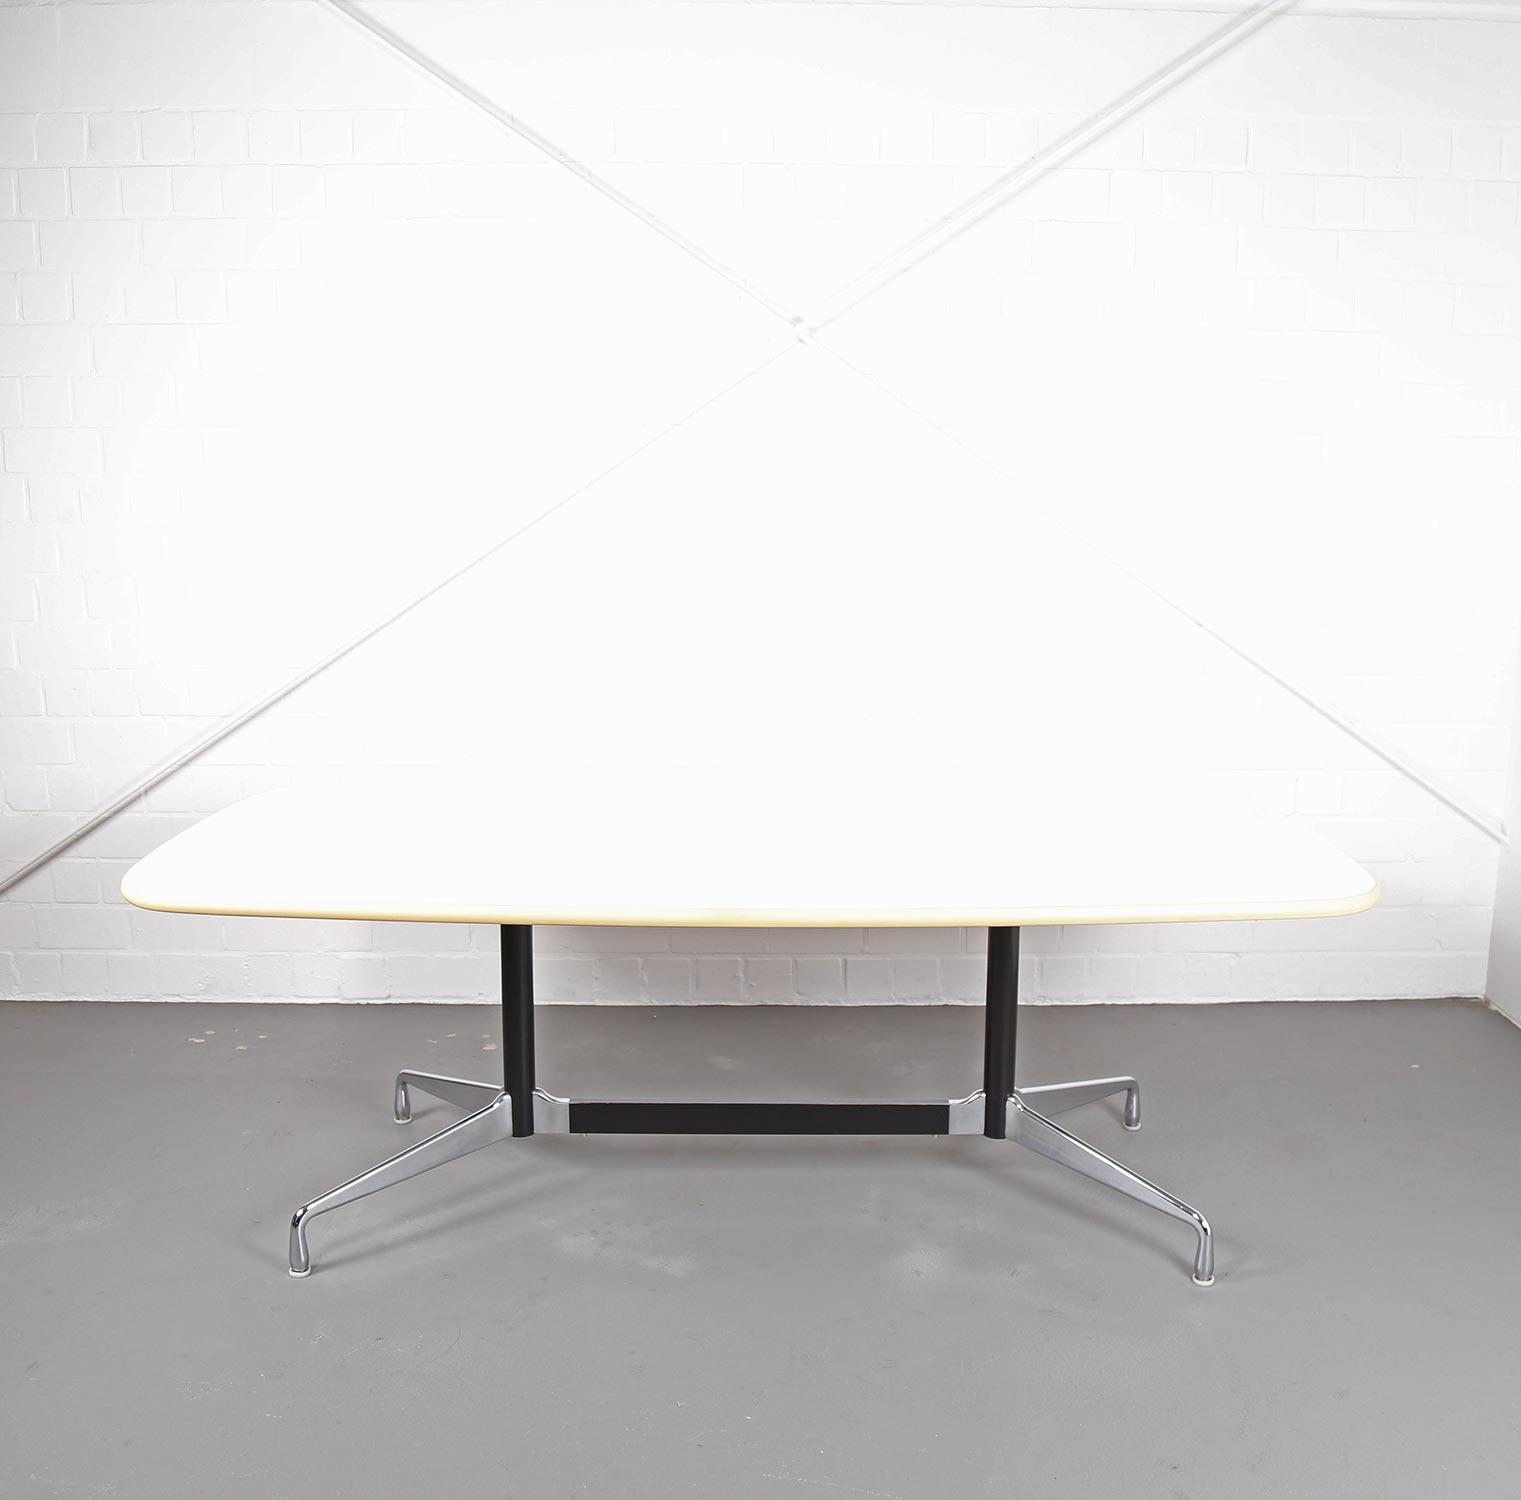 Segmented Table Konferenztisch Esstisch Ray amp Charles  : CharlesEamesConferenceTableSegmentedHermanMillerVitraKonferenztischVintagegebraucht01 from www.dekaden.com size 1521 x 1500 jpeg 75kB